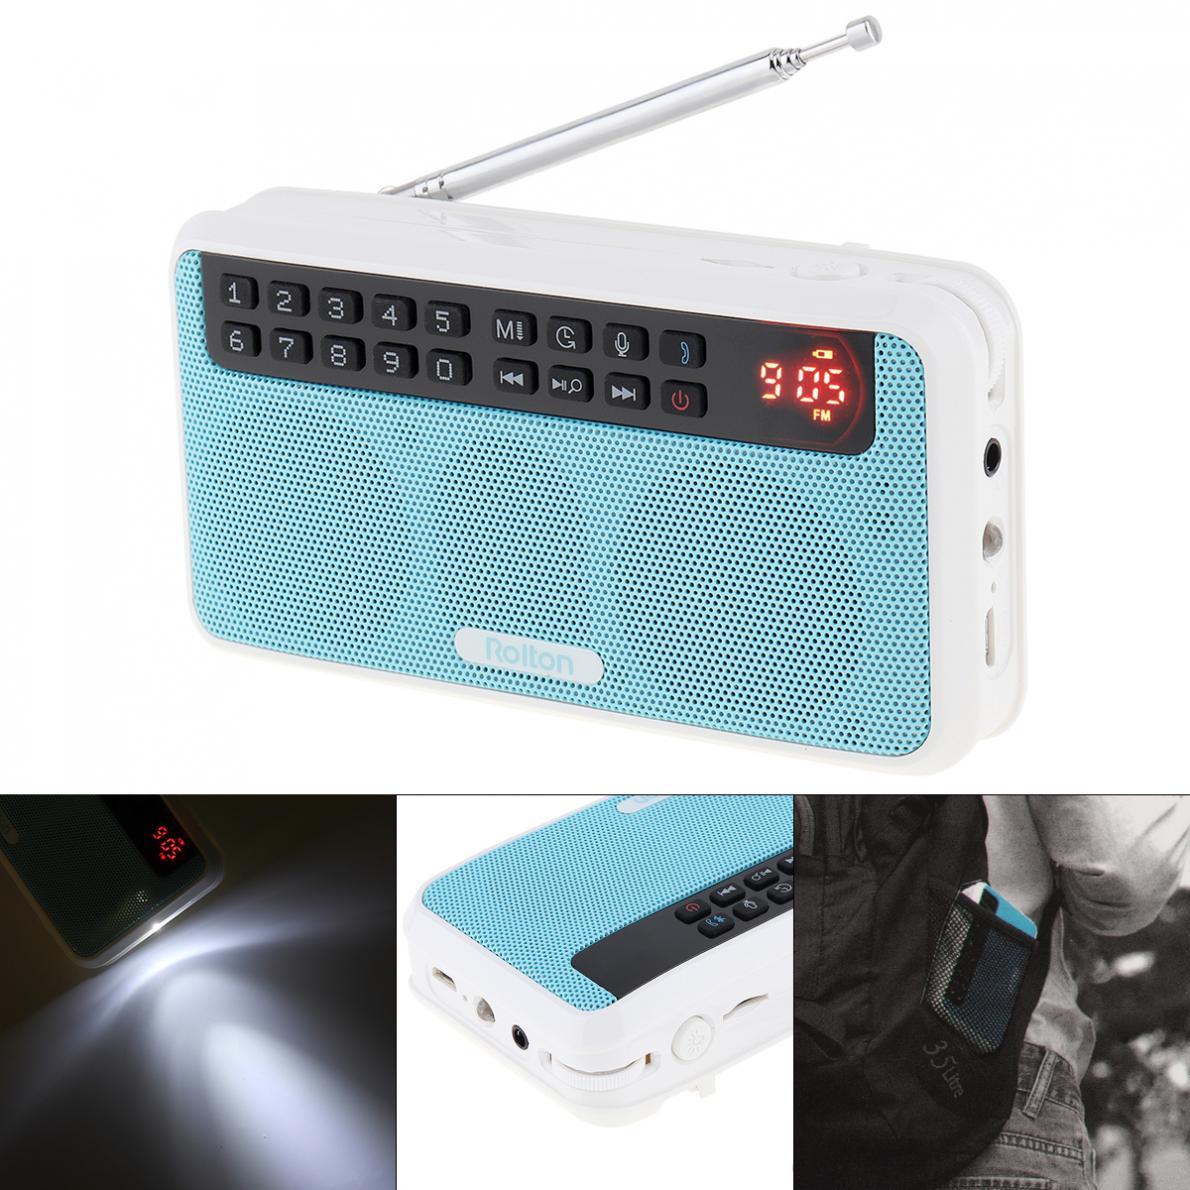 Unparteiisch Rolton E500 Drahtlose Bluetooth Lautsprecher Tragbare Digitale Fm Radio Hifi Stereo Tf Musik-player Mit Led-anzeige Für Pc/ Ipod/telefon Kaufe Eins Radio Bekomme Eins Gratis